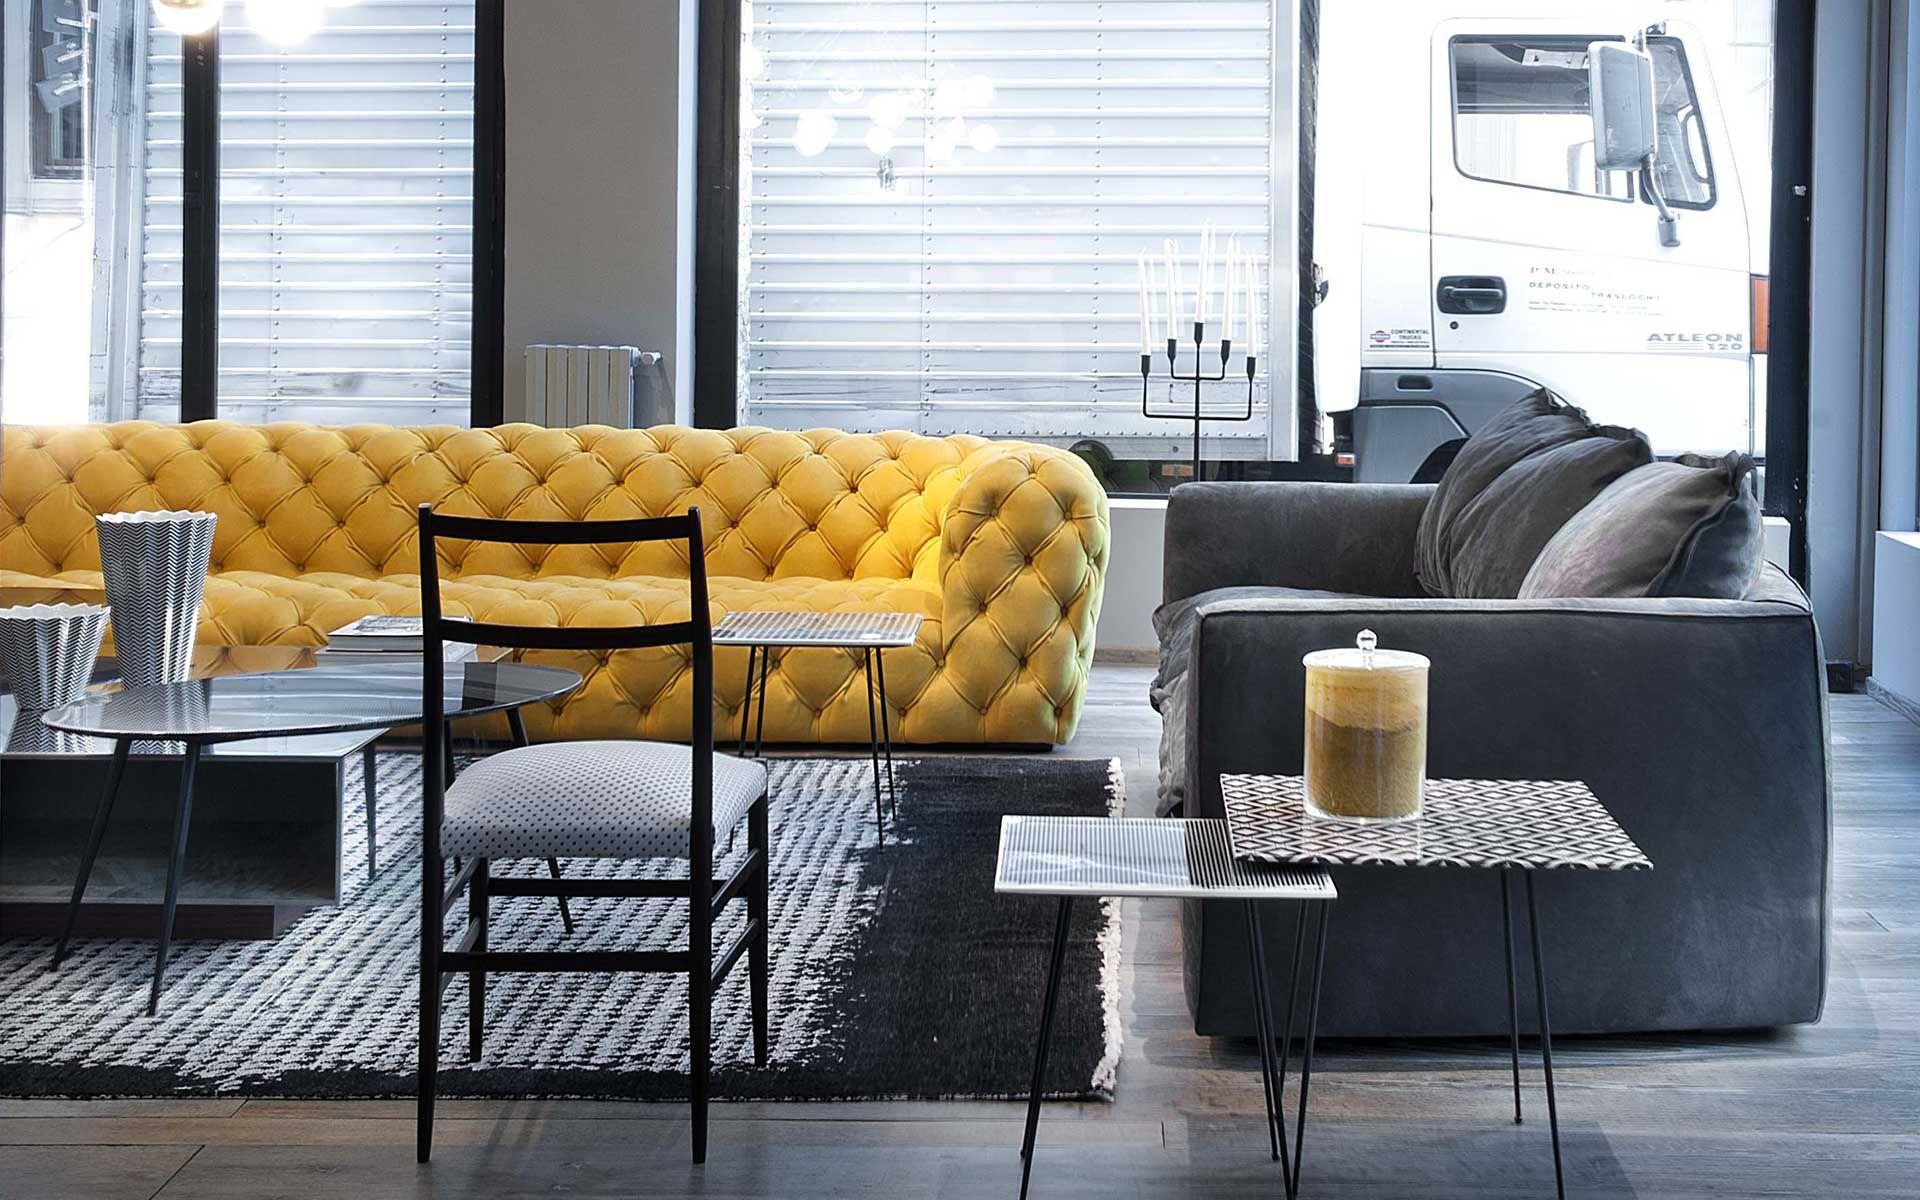 chester moon baxter furniture baxter furniture sofa chester rh pinterest com